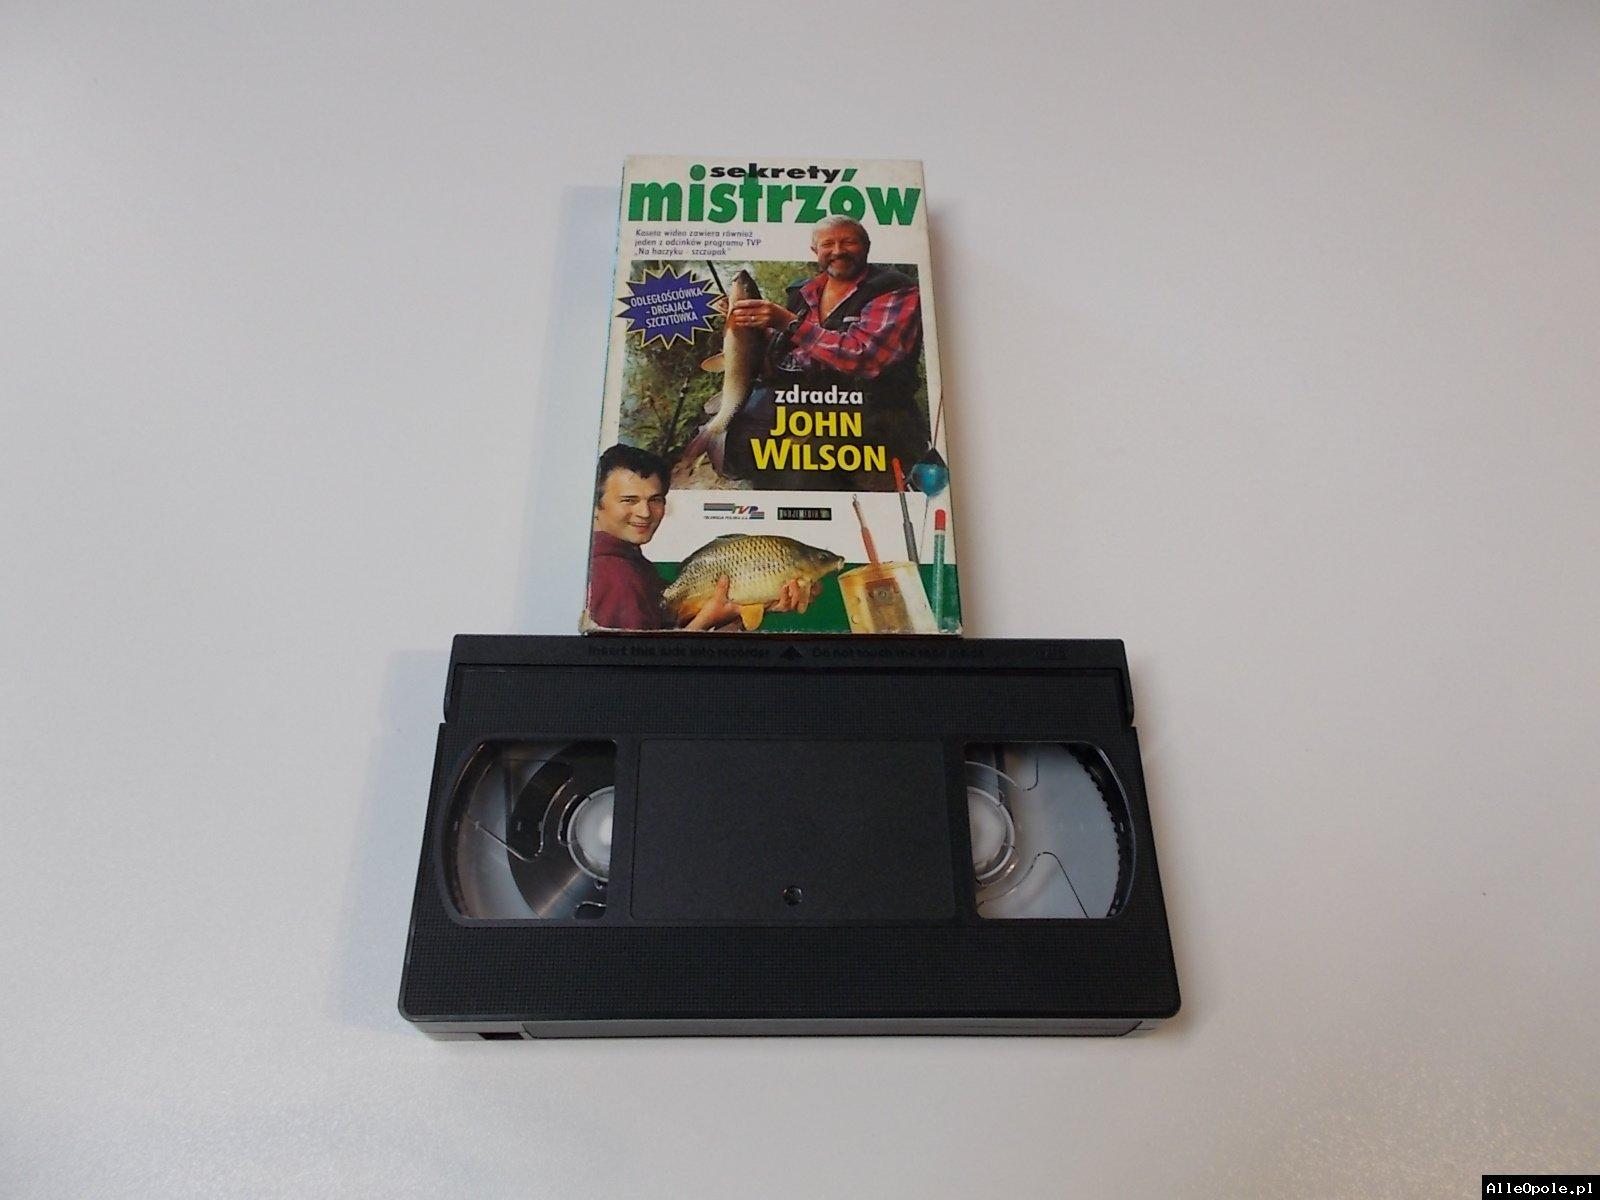 SEKRETY MISTRZÓW ODLEGŁOŚCIÓWKA - VHS Kaseta Video - Opole 1697